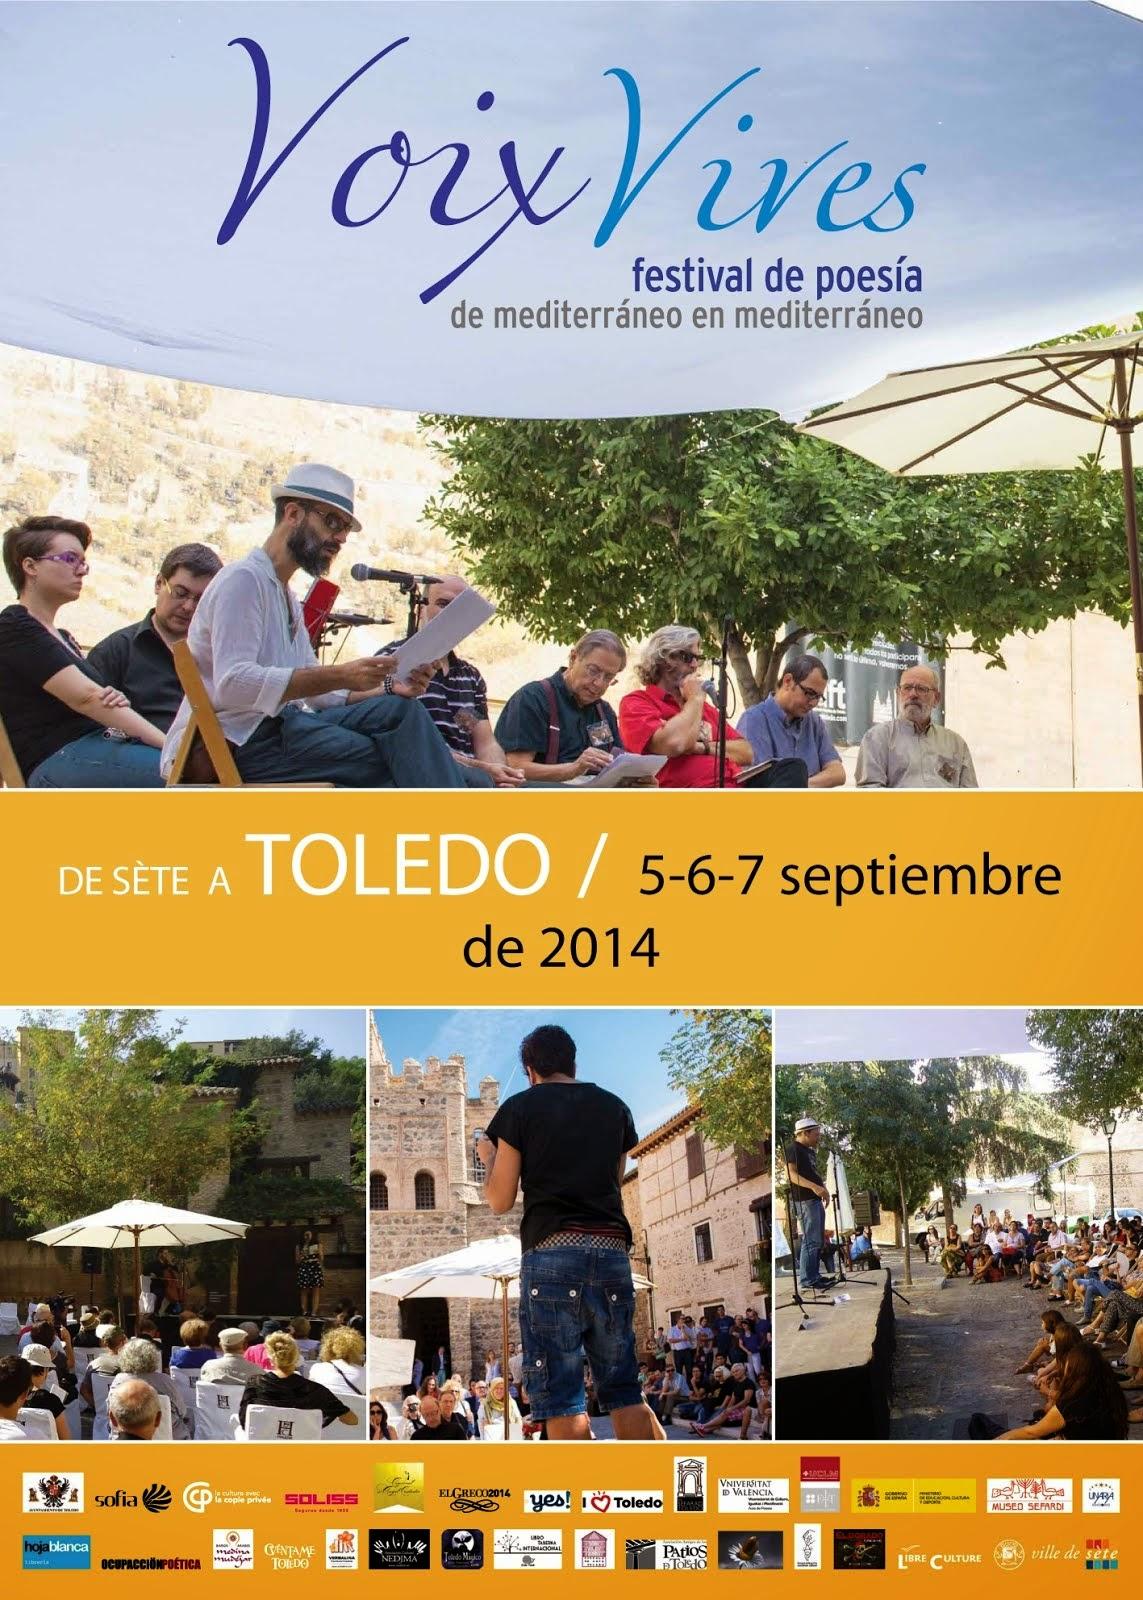 Voix Vives, de Mediterráneo en Mediterráneo. Festival Internacional de poesía en Toledo